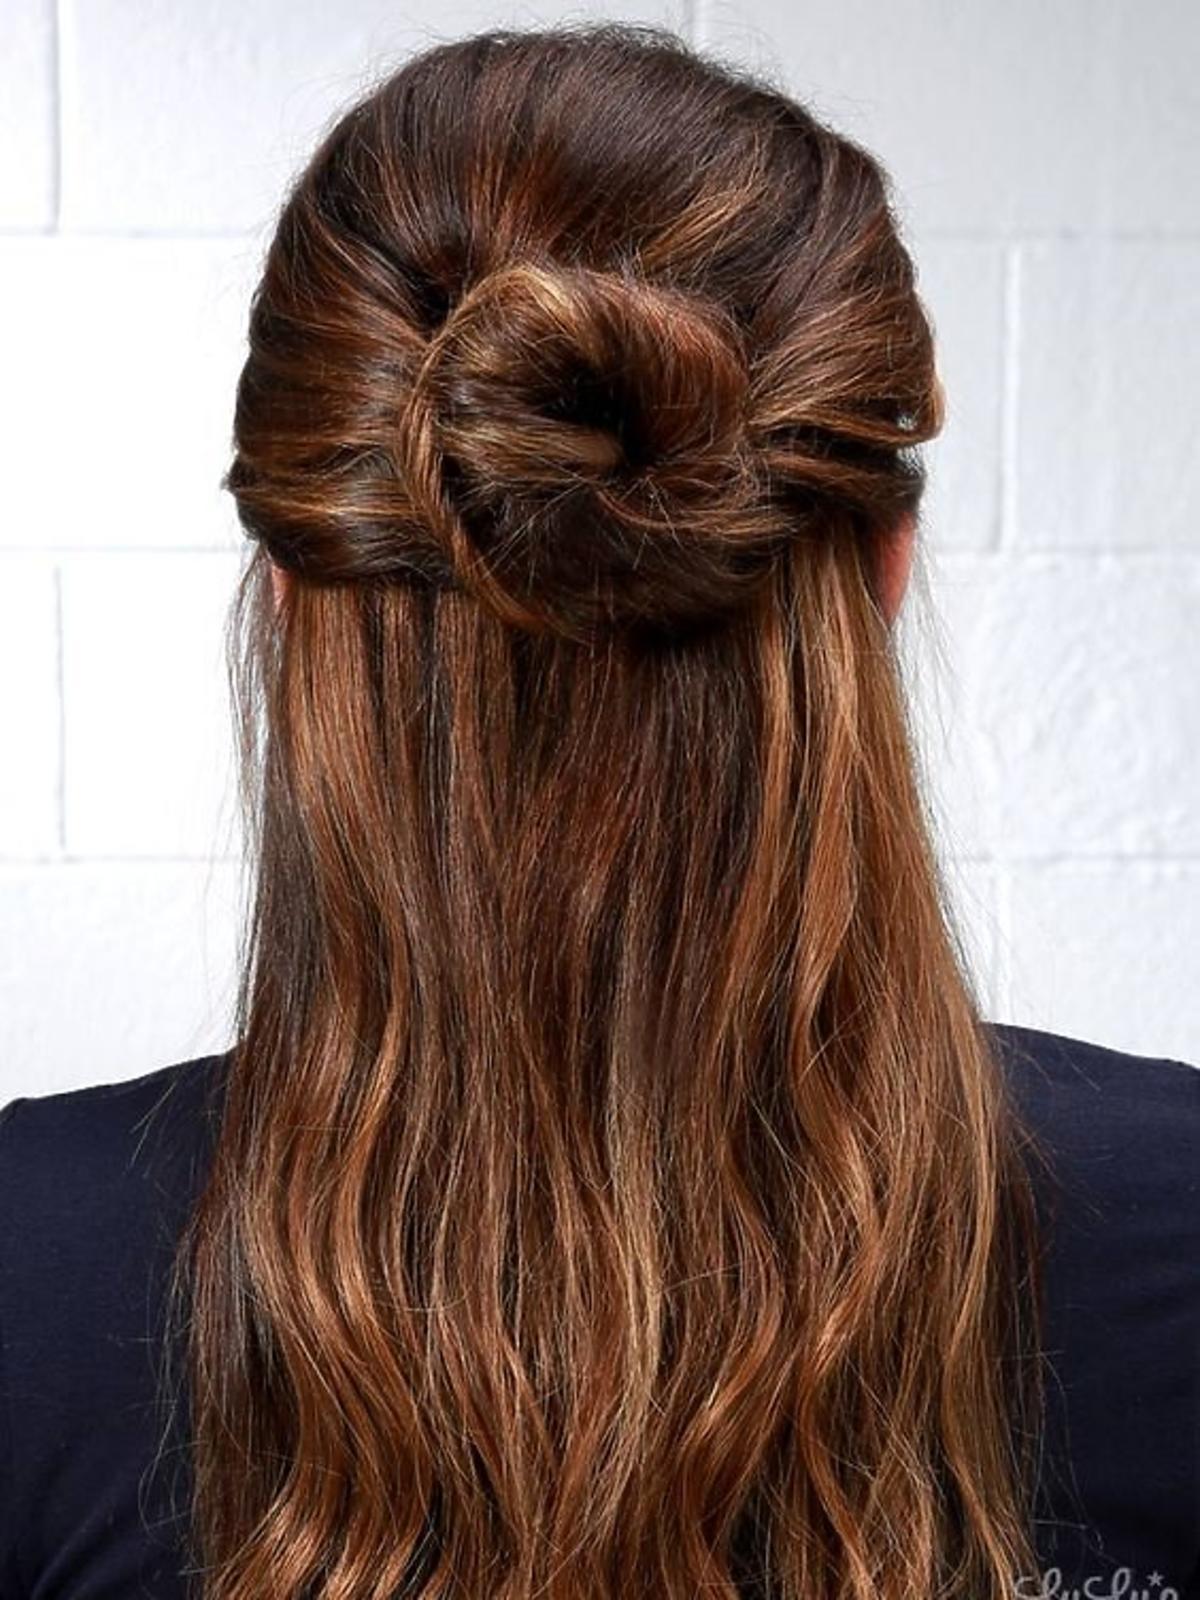 Half-up bun, czyli koczek plus rozpuszczone włosy